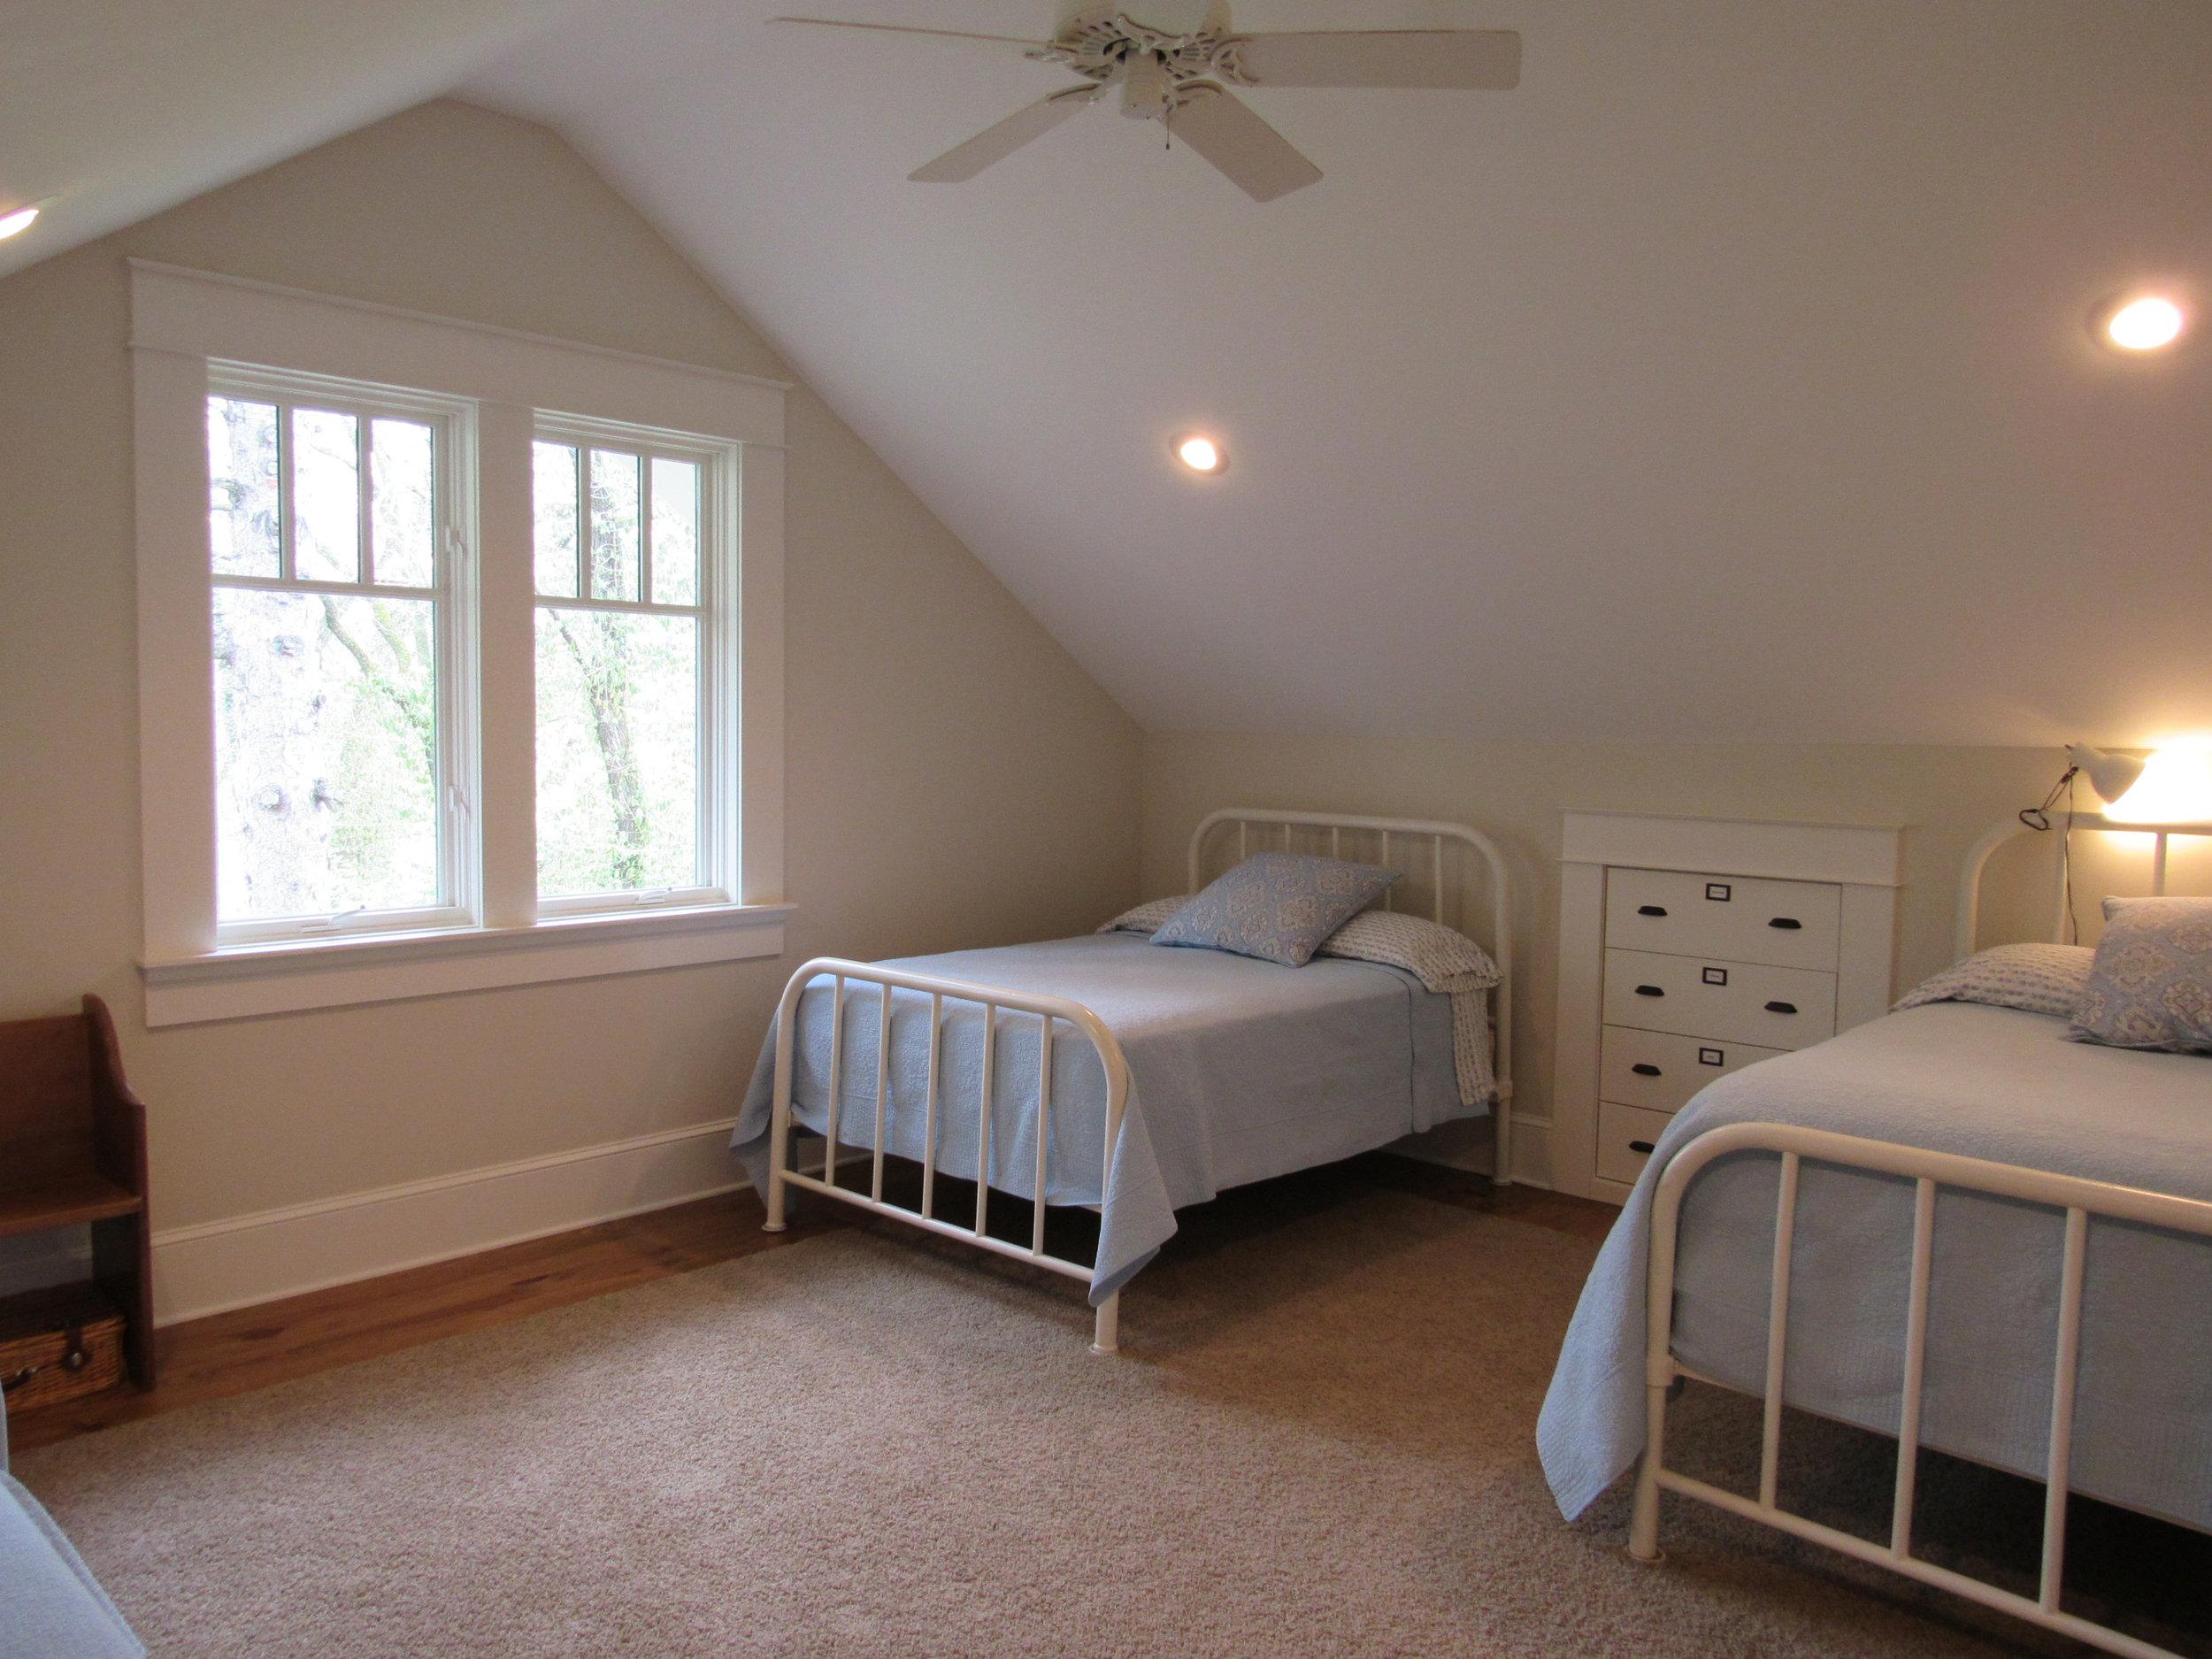 Bunk Room for Grandkids